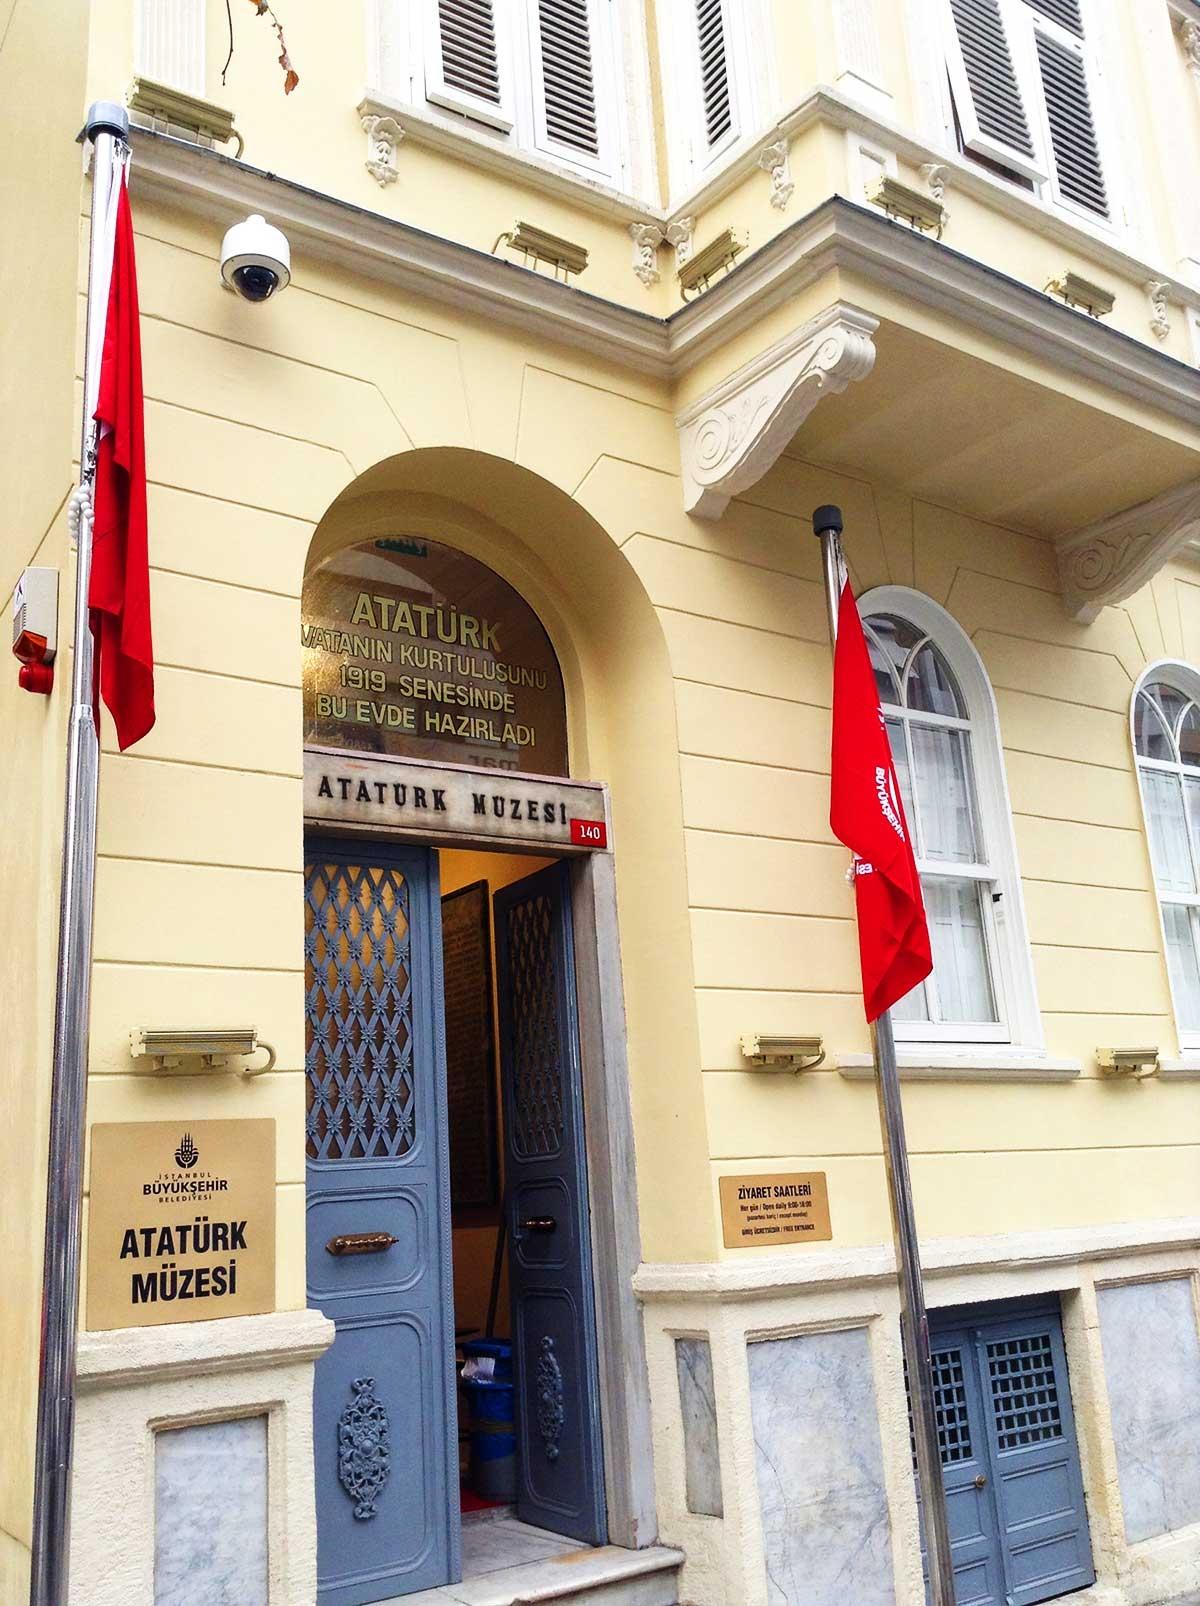 تركيا اسطنبول اهم الاماكن السياحيه متحف اتاتورك